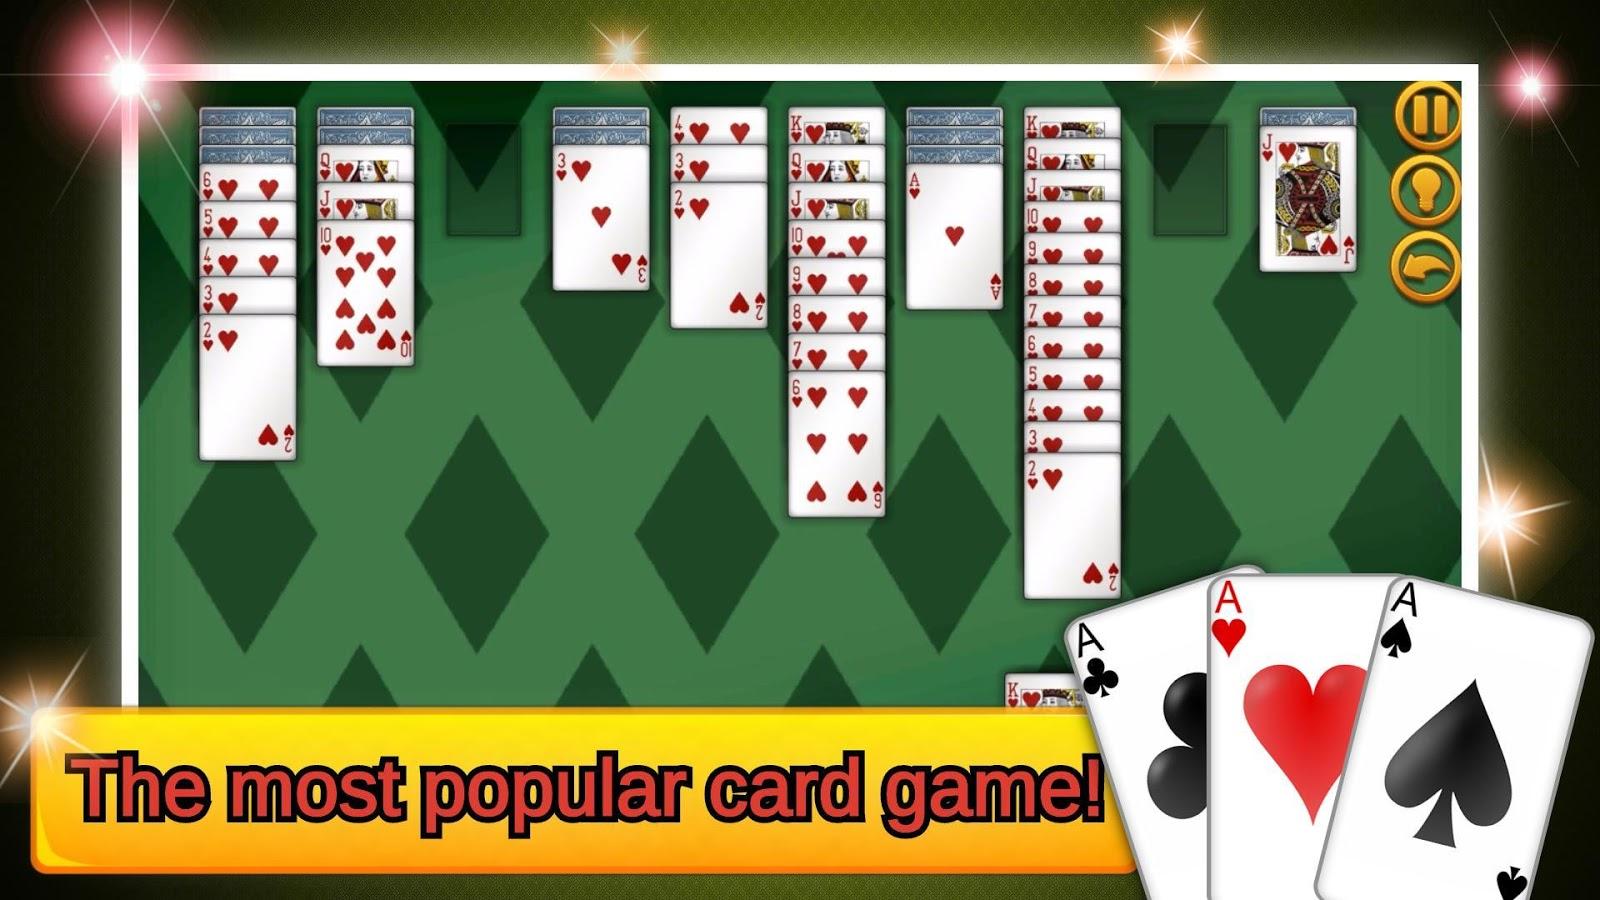 Пополнение игрового баланса казино через